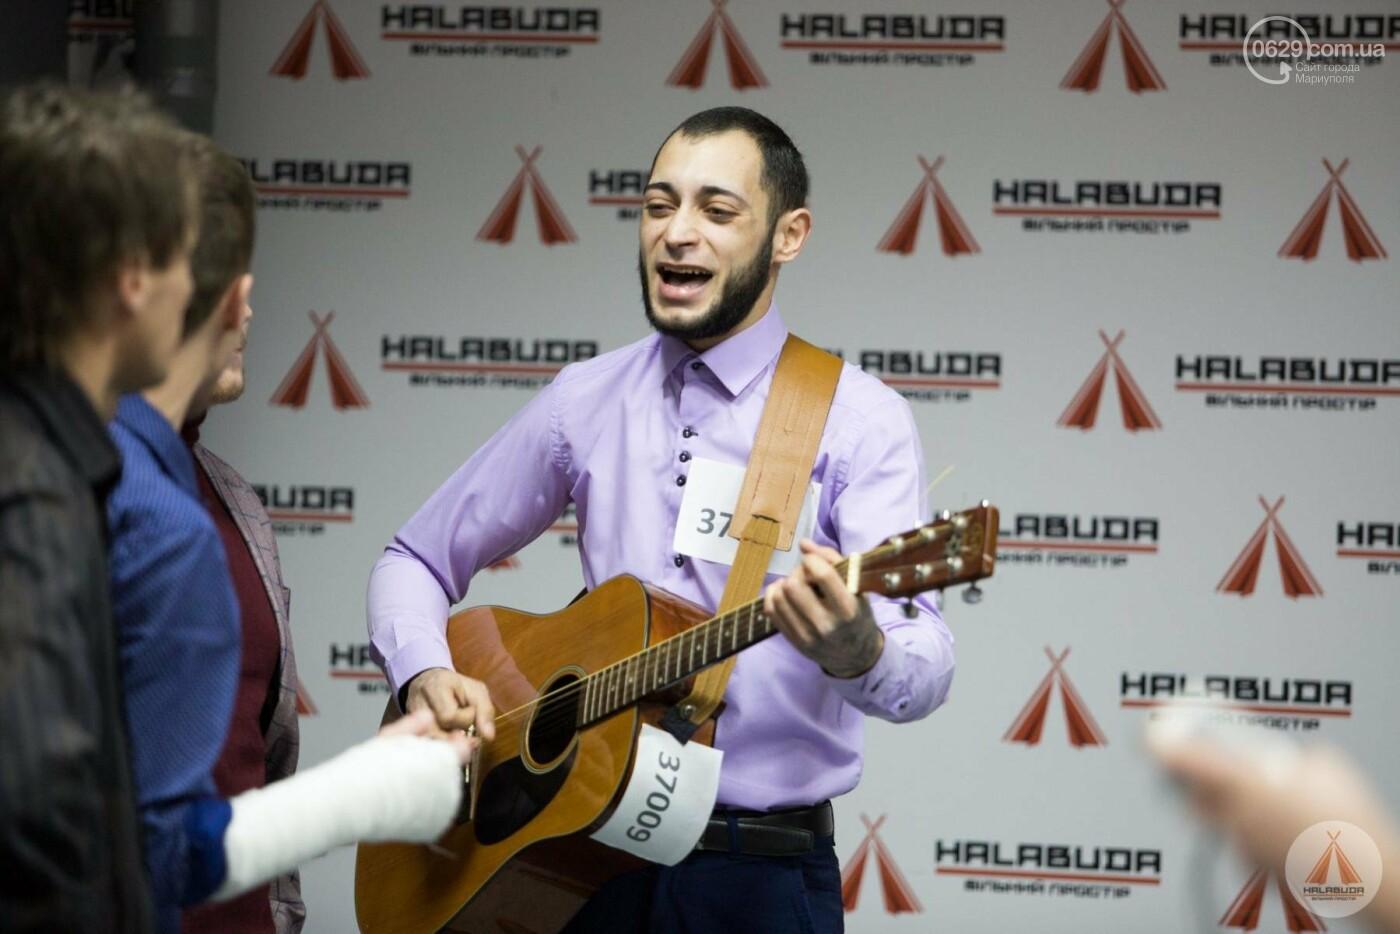 """Гавайская гитара, """"Falling up"""",бит-бокс: в Мариуполе  проходит отборочный тур шоу """"Х-фактор"""" (ФОТО,jВИДЕО), фото-3"""